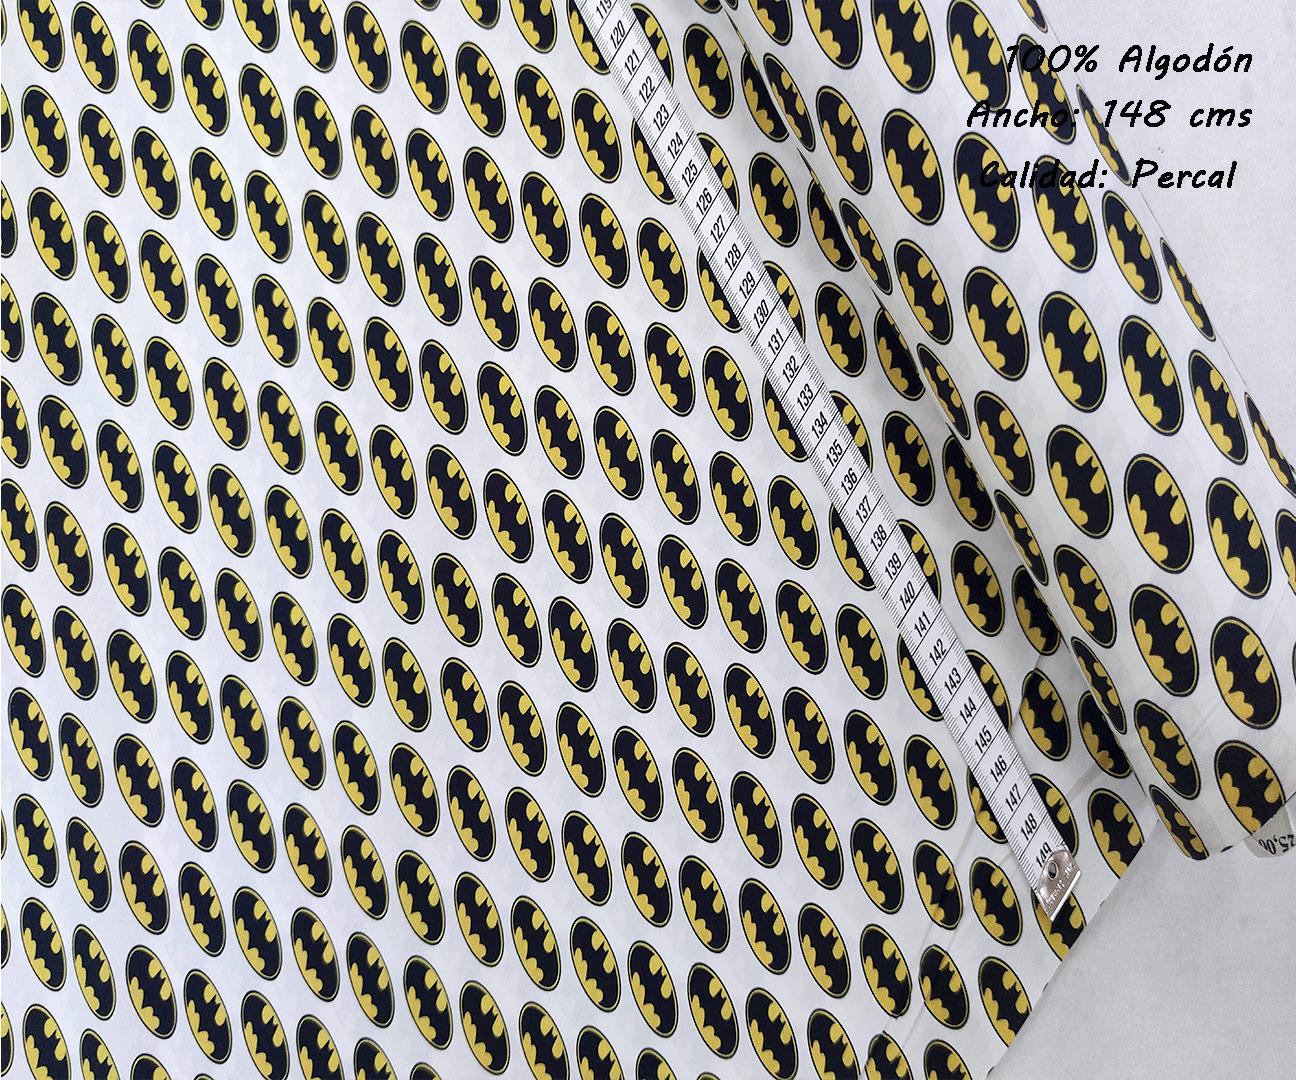 L33-barman-logotipos-liga-justicia-superheroes-americano-tejidos-algodón-estampado-percal,estampados originales con licencia,Tejido Estampado Batman Logotipo